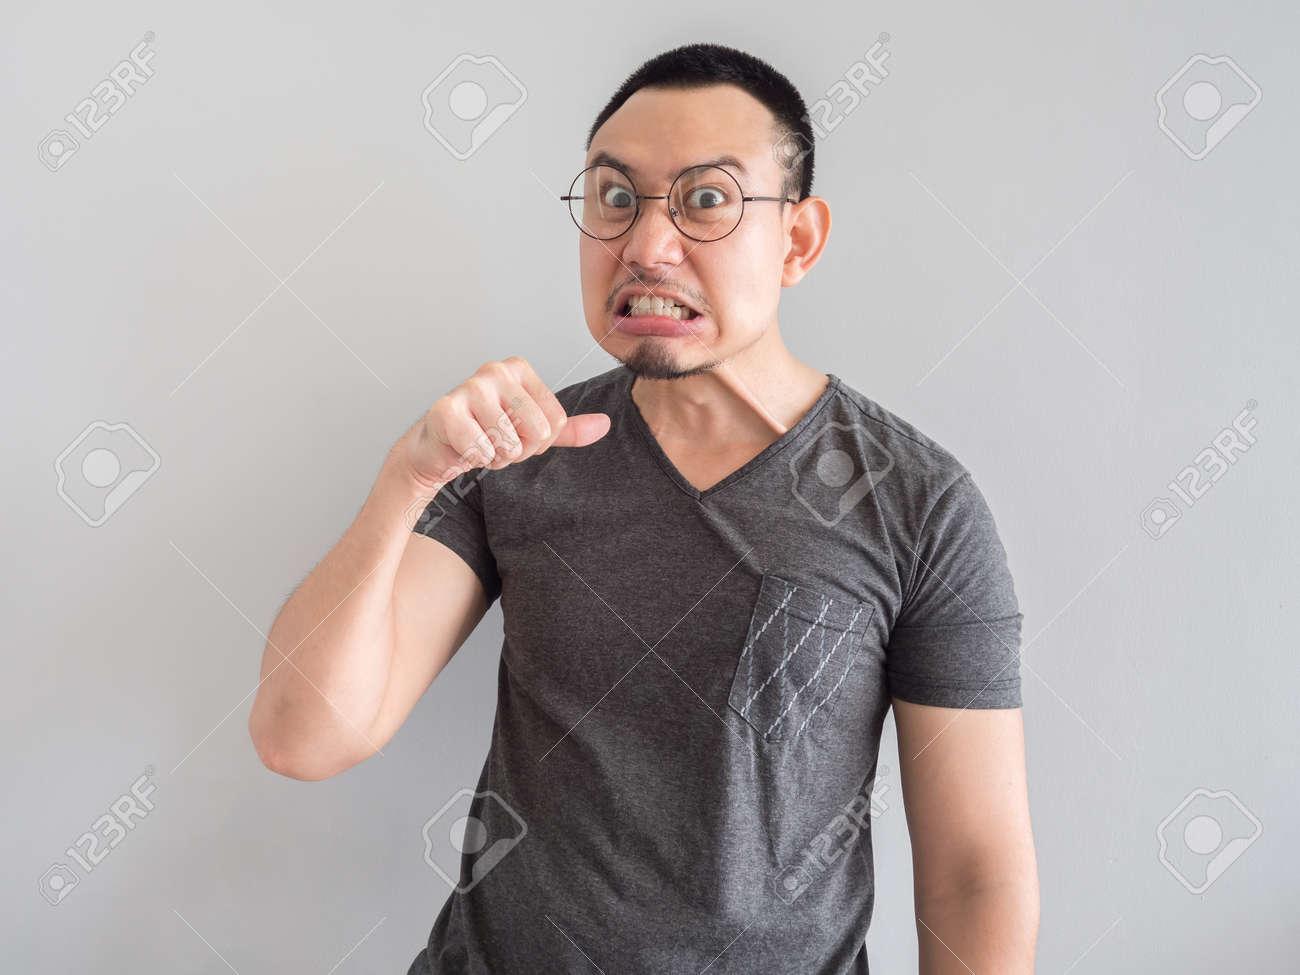 Homme Asiatique Et Fou En T Shirt Noir Et Les Cheveux Crepus Style De Coiffure Banque D Images Et Photos Libres De Droits Image 86363451